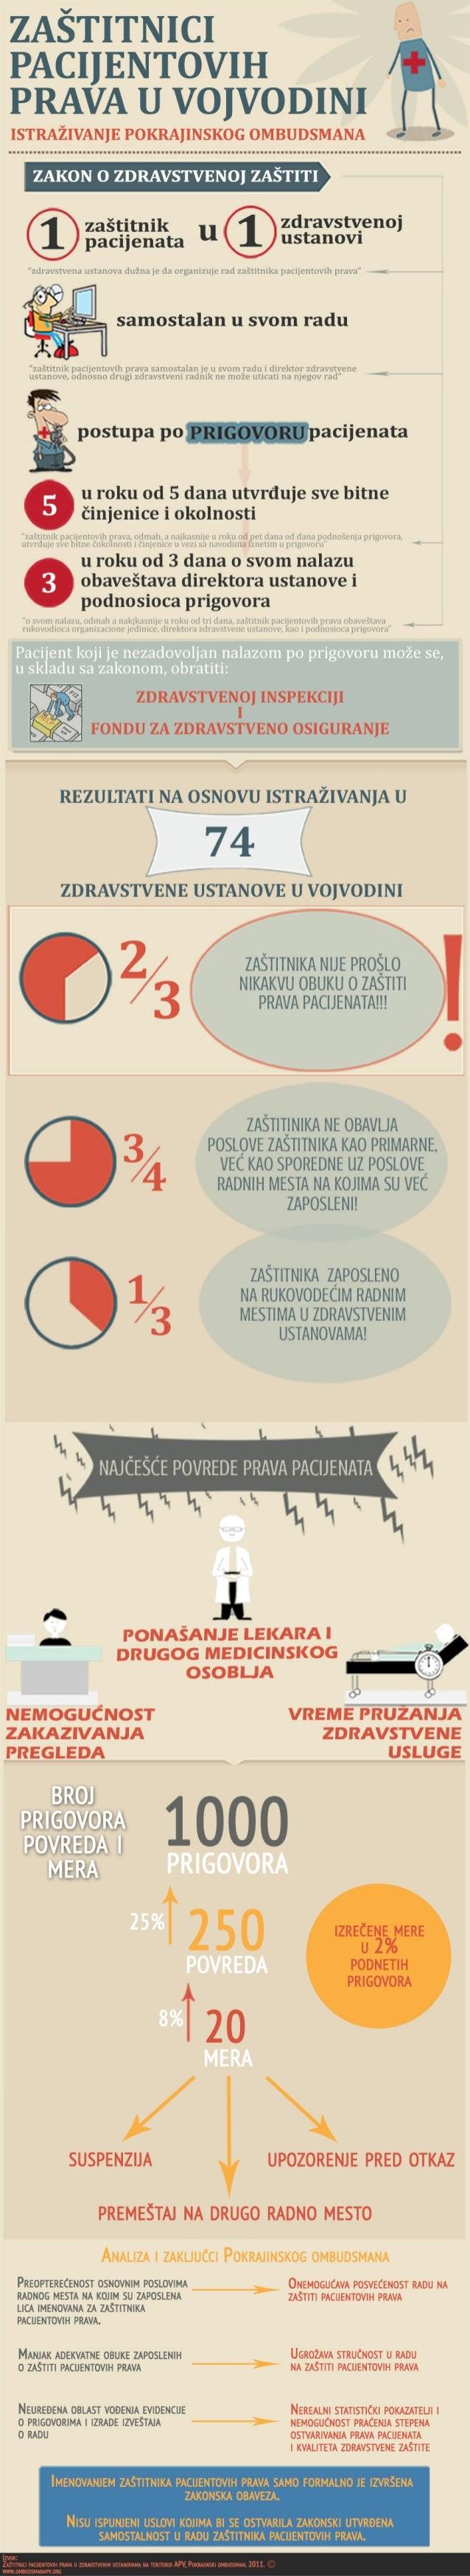 Infografik - Zaštitnik pacijentovih prava